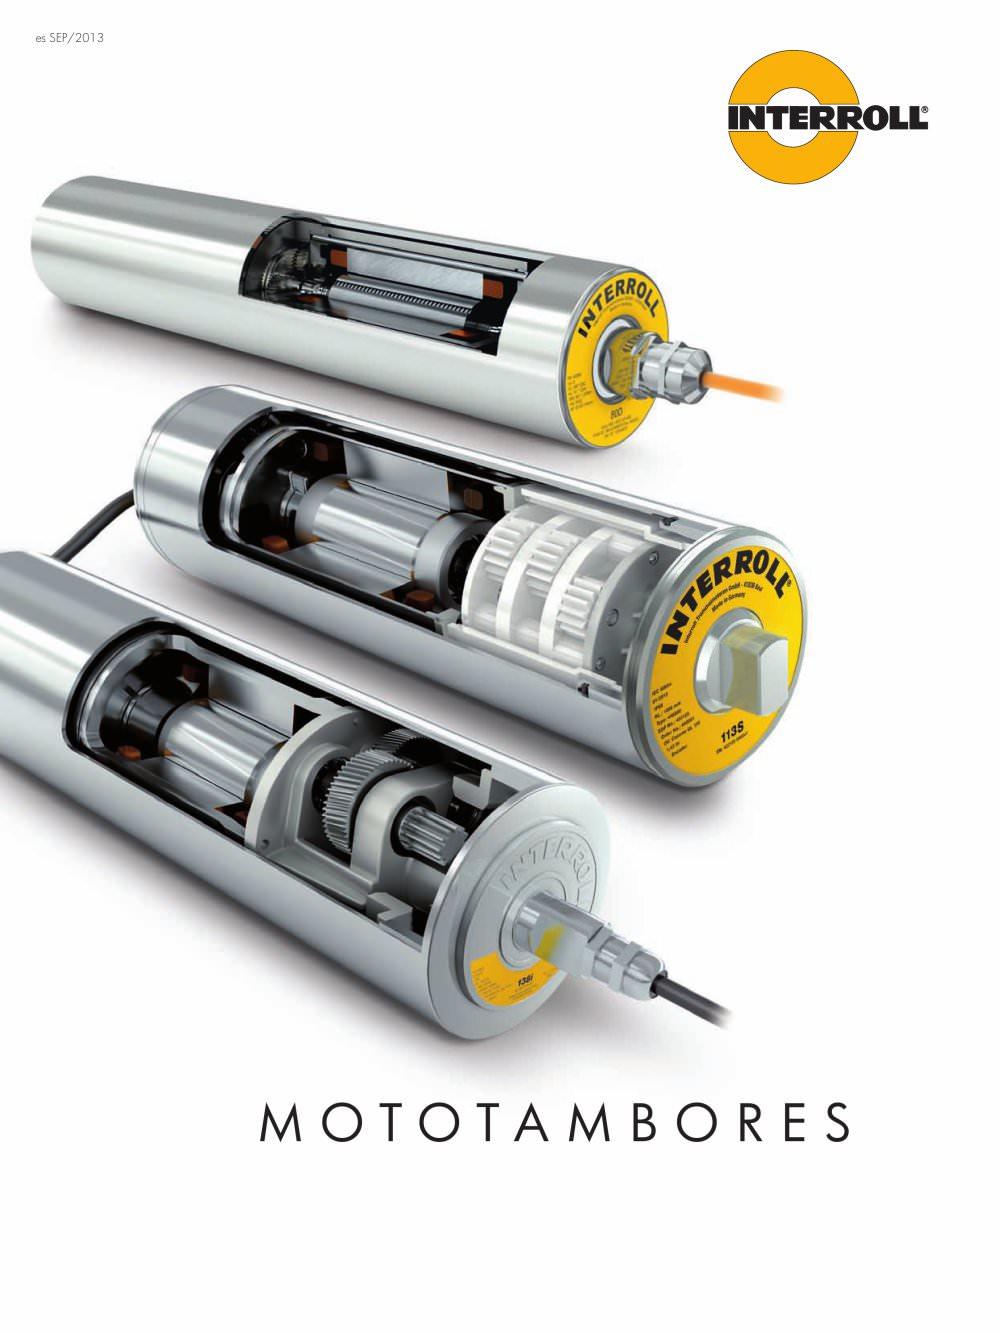 Mototambores